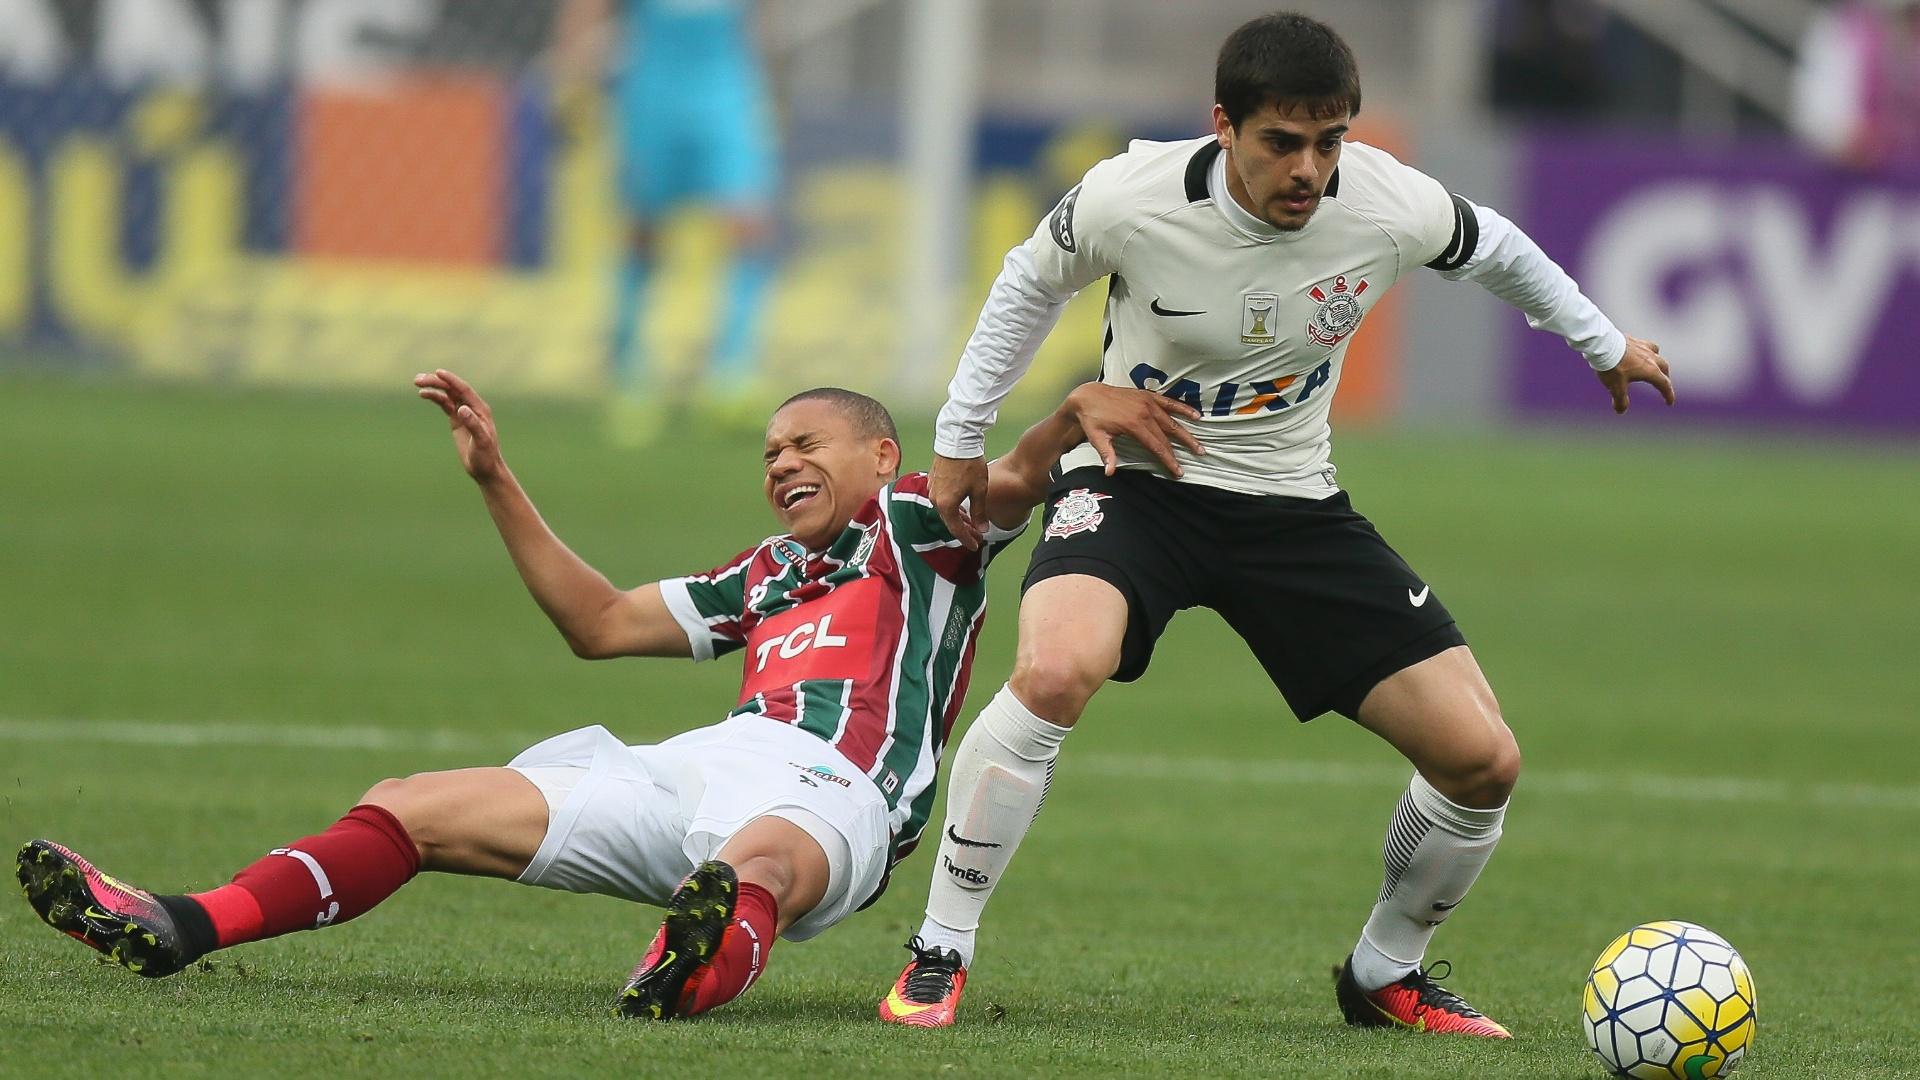 Marcos Júnior e Fagner disputam bola em jogo entre Corinthians e Fluminense